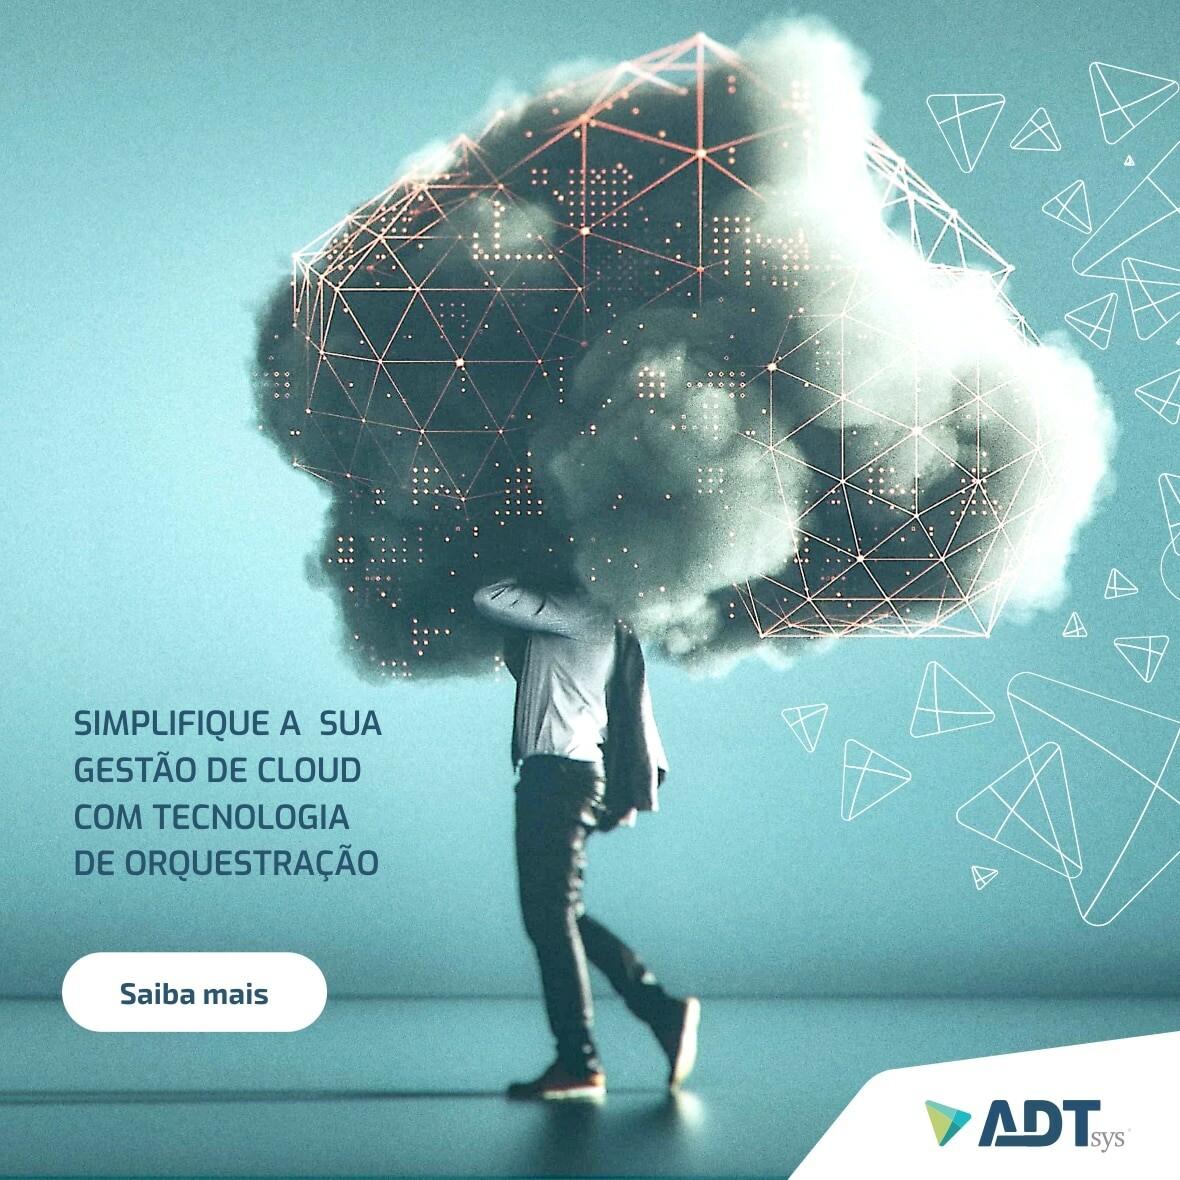 simplifique sua gestão cloud com orquestração